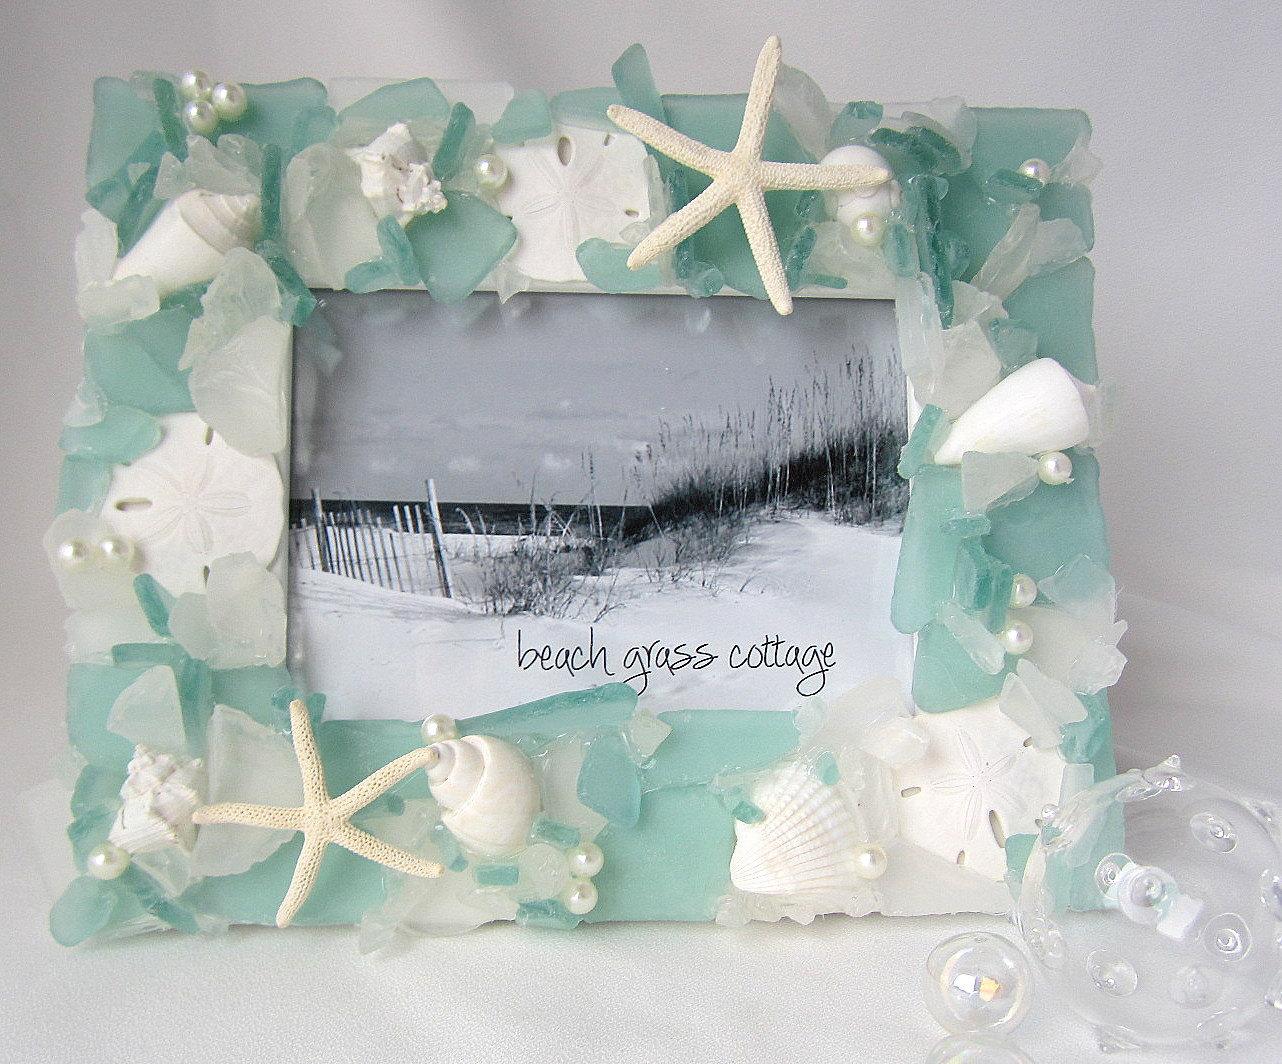 coastal home decor sea glass frame nautical decor beach glass strand of sea glass beads coastal and beach home decor